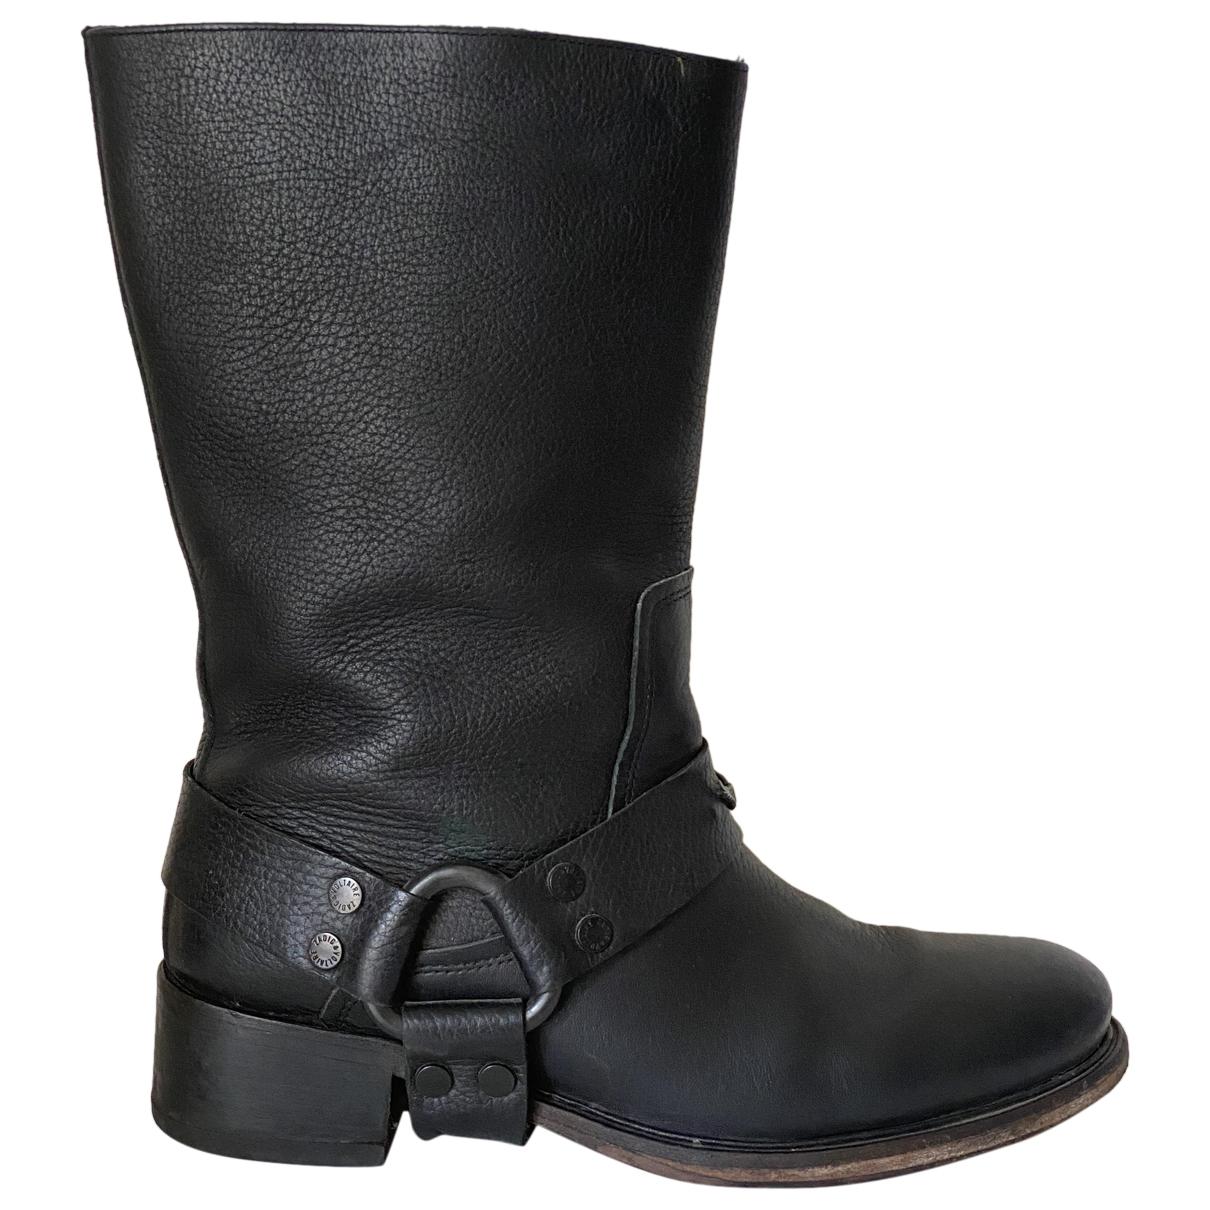 Zadig & Voltaire Roady Stiefel in  Schwarz Leder